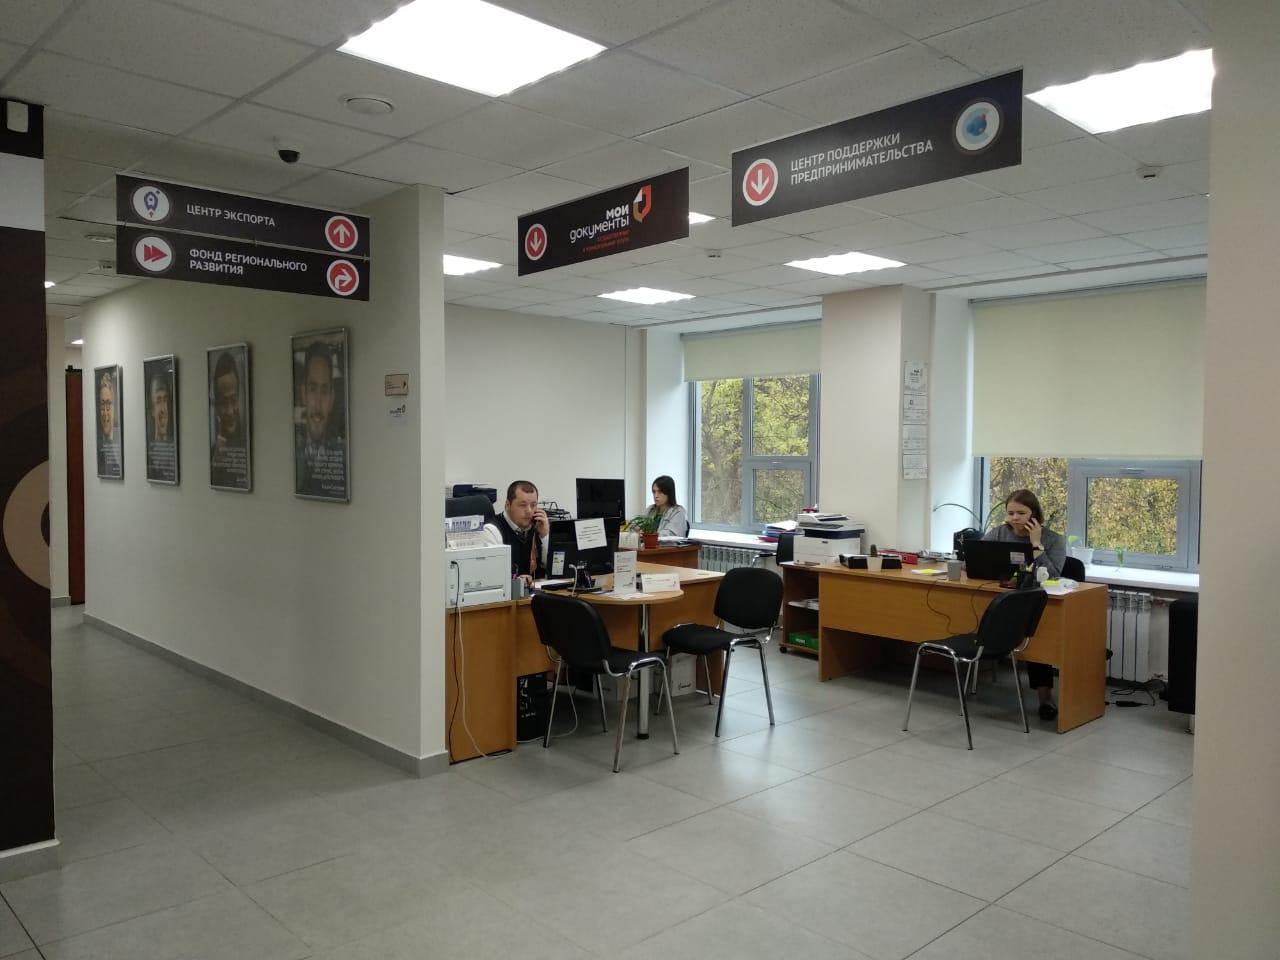 В Ярославской области «Мой бизнес» помогает предпринимателям сертифицировать продукцию и услуги